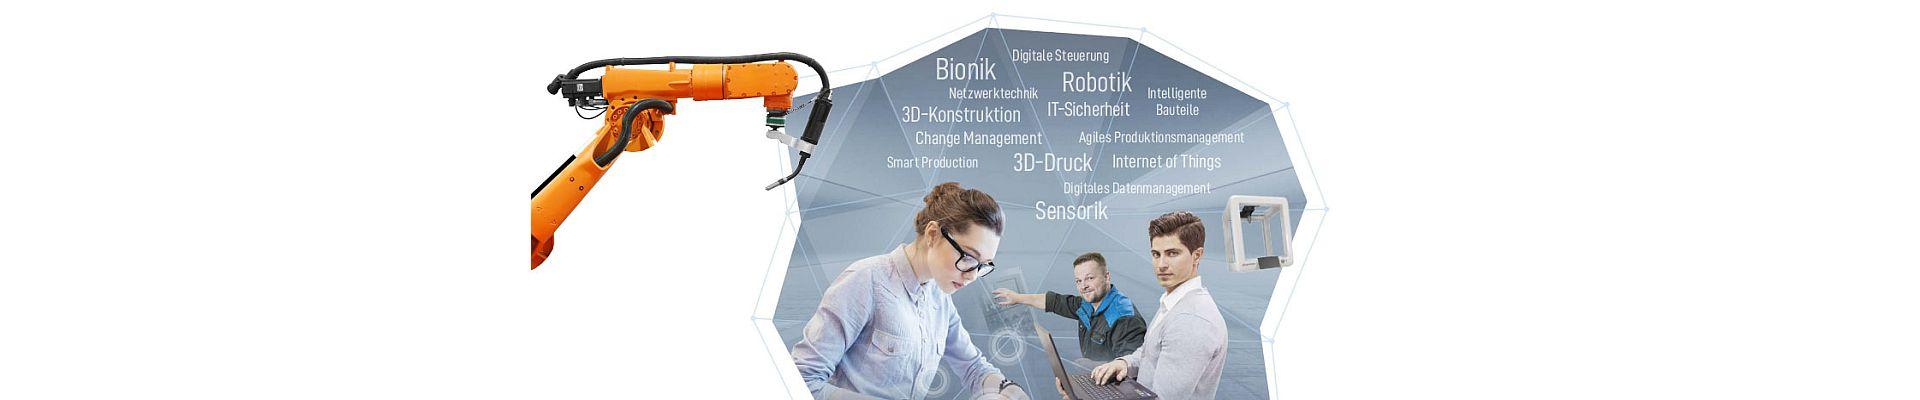 Produktionstechnik und Datenmanagement